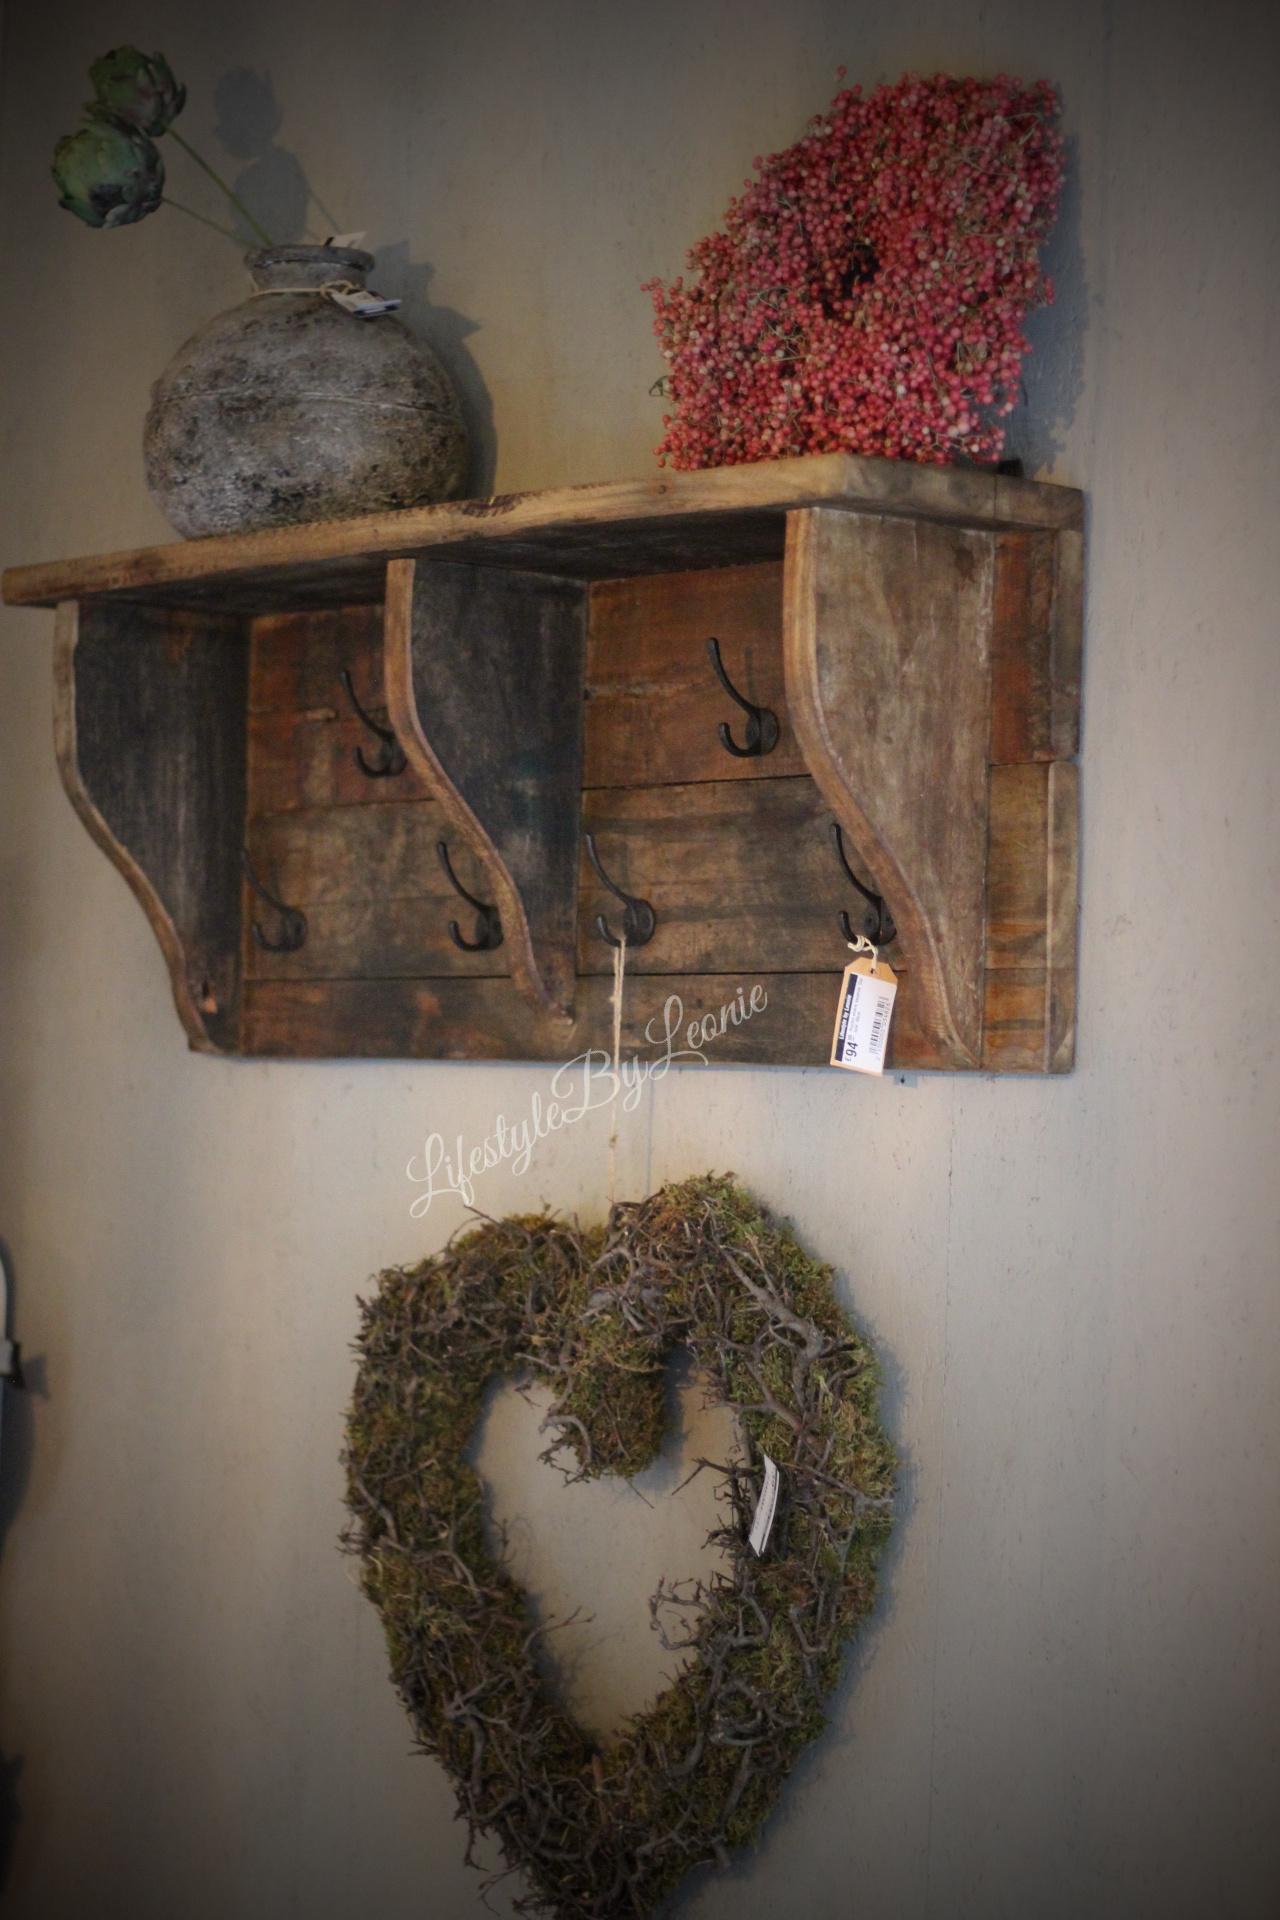 Wanddecoratie Lifestyle By Leonie